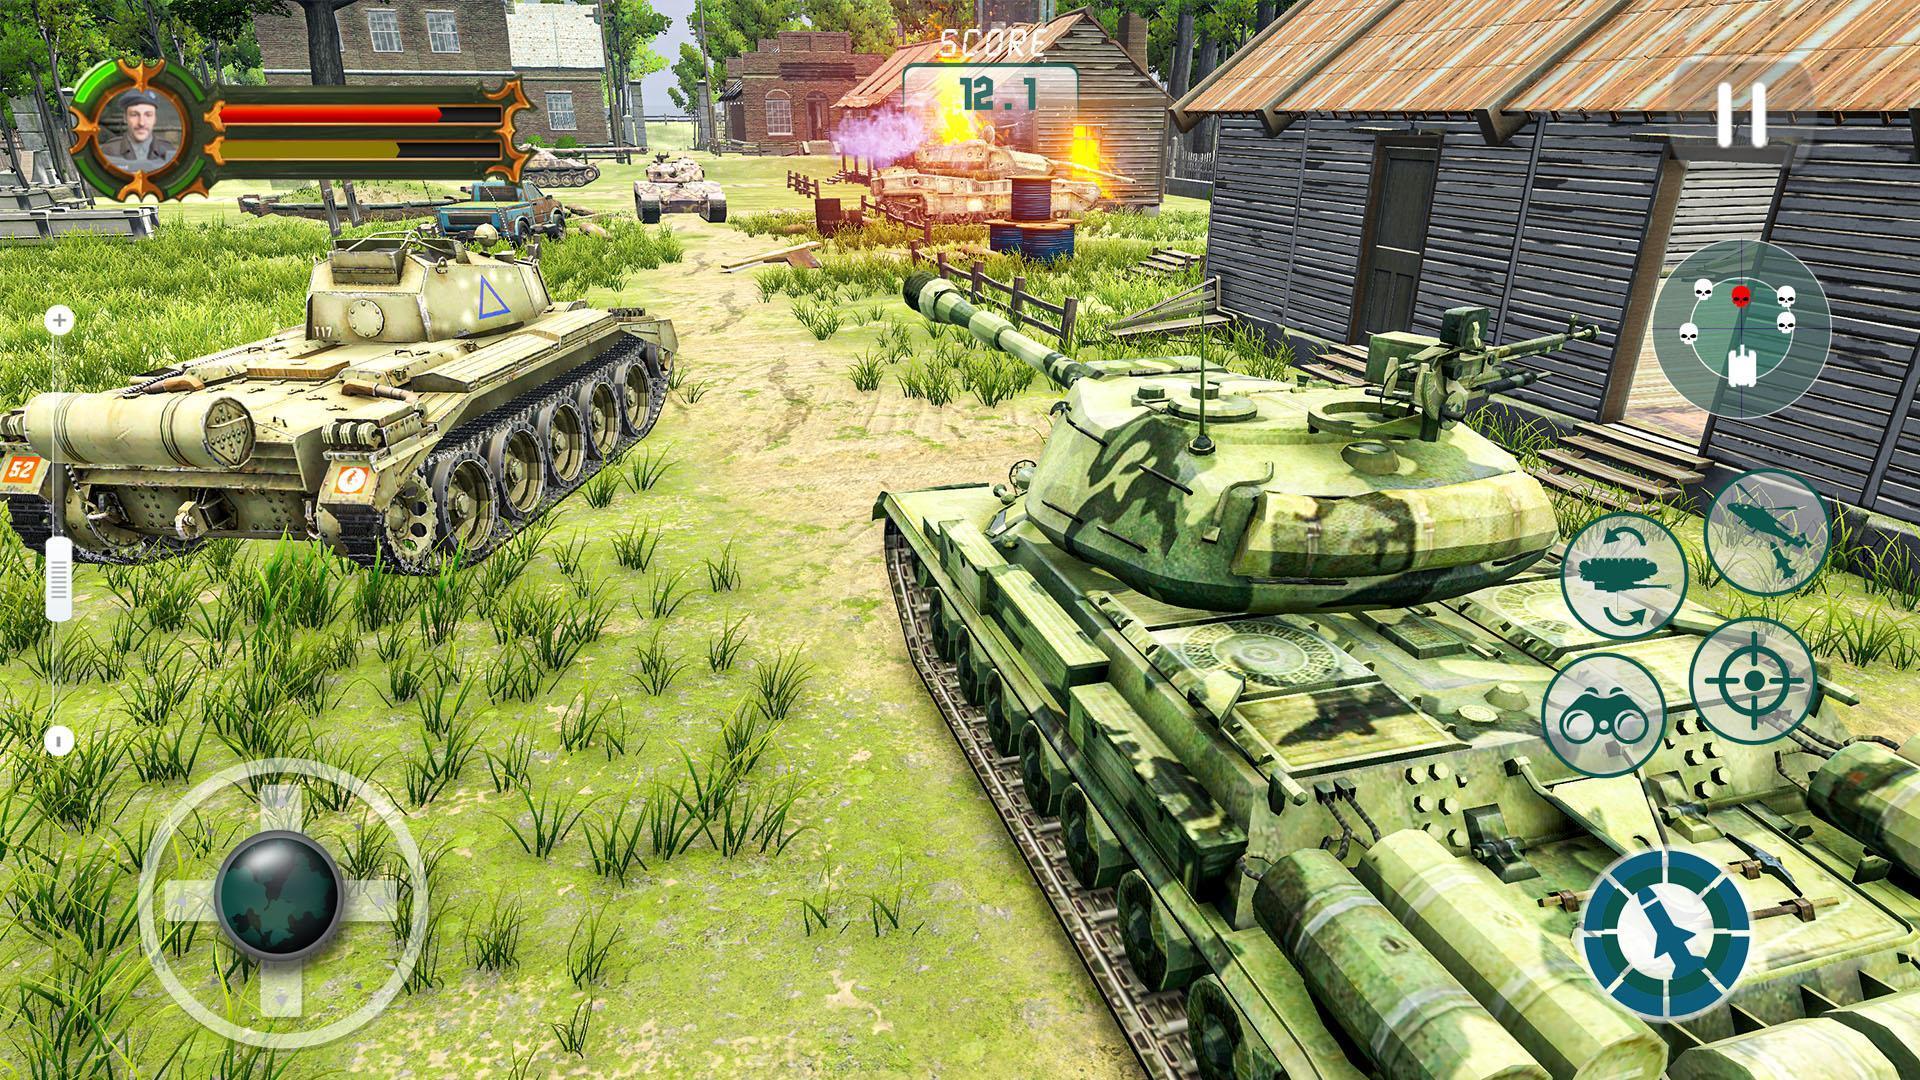 Battle Tank games 2020: Offline War Machines Games 1.6.1 Screenshot 2